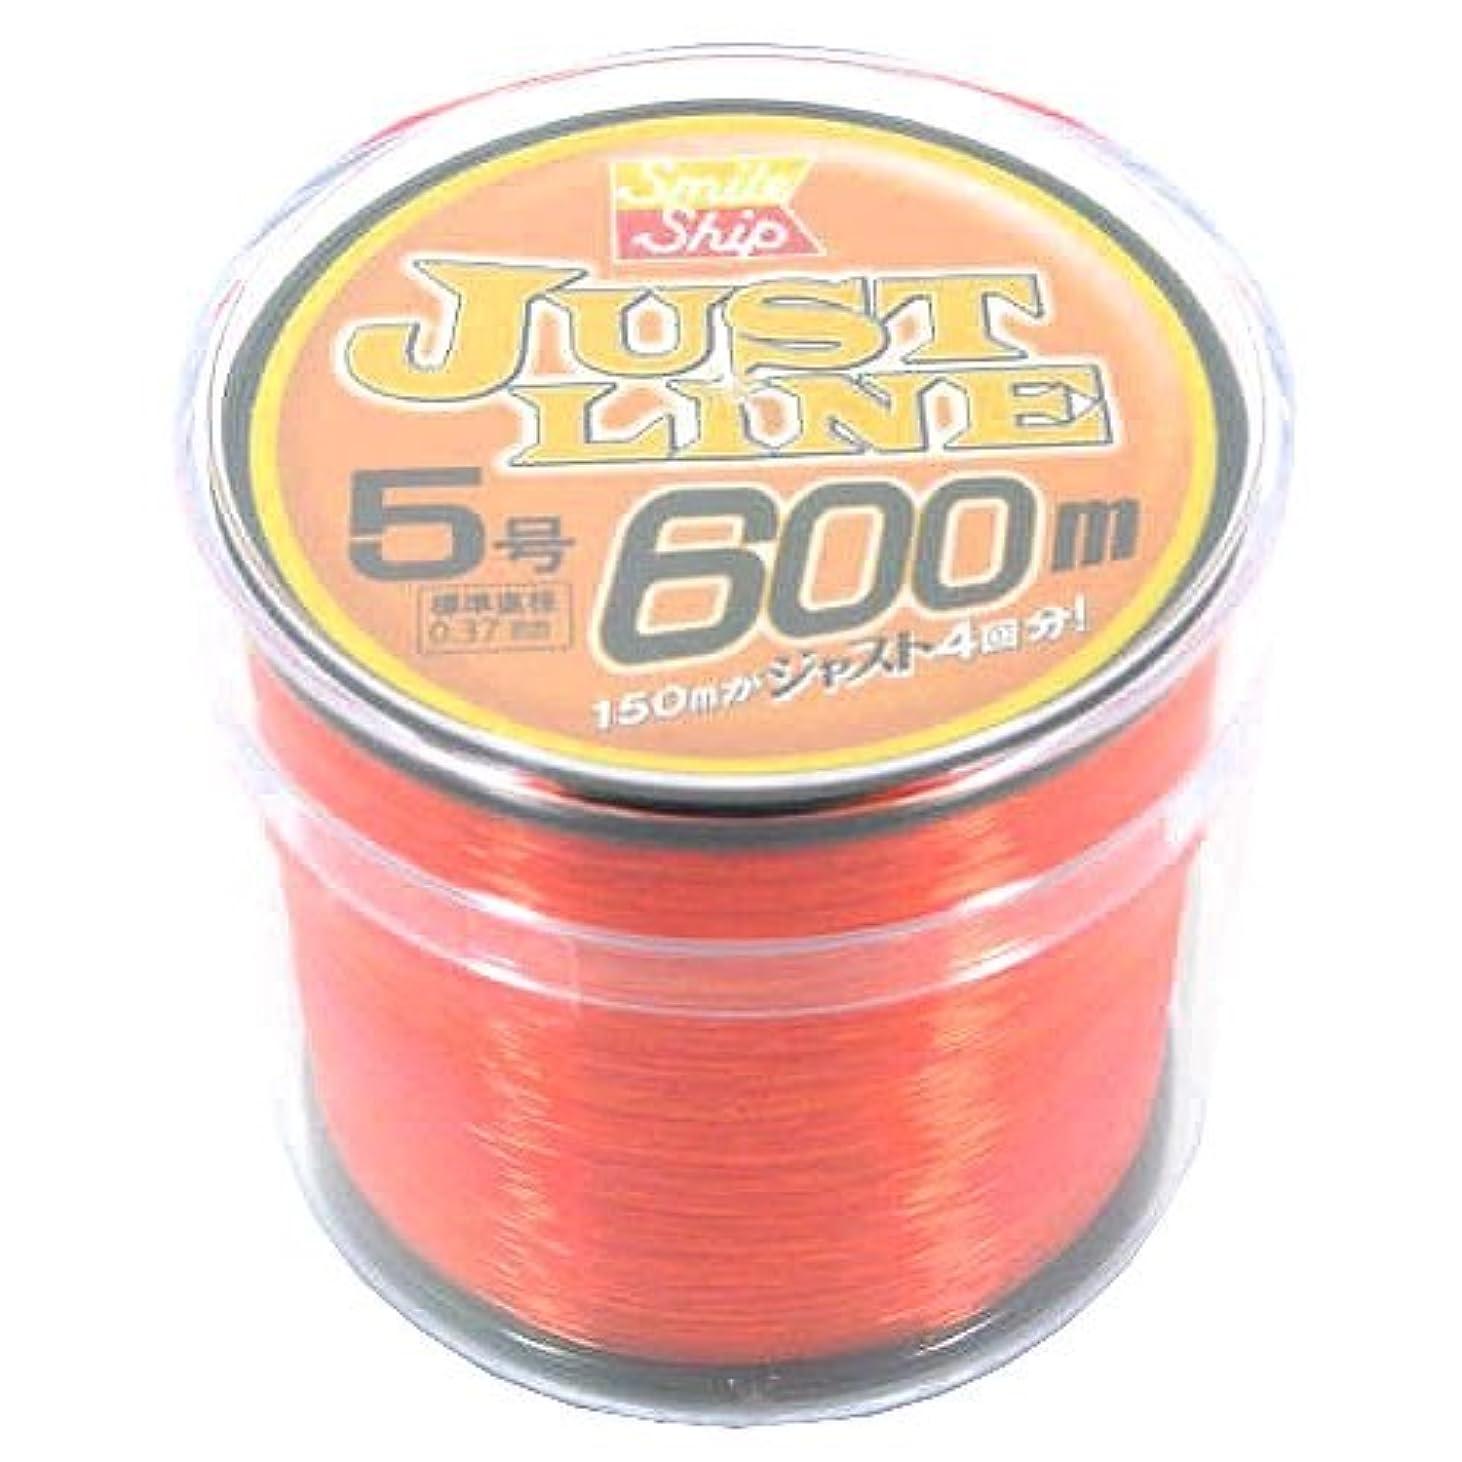 ペンスバンジョー知的TAKAMIYA(タカミヤ) ライン SmileShip ジャストライン 600m オレンジ 5号